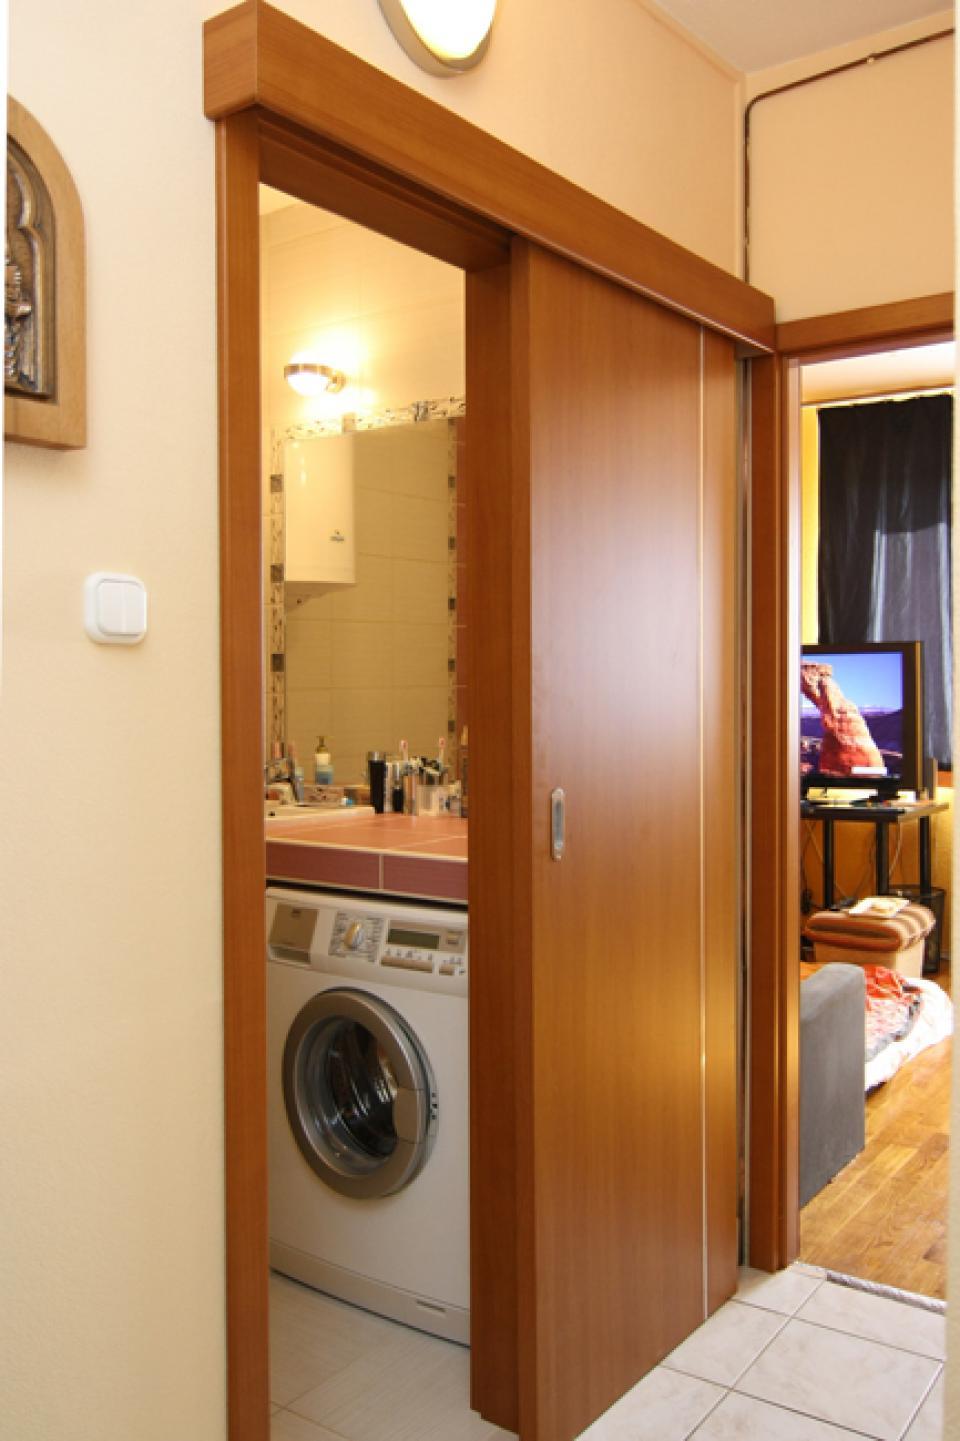 Essex beltéri ajtó egy csepeli panelban   Referencia - Ajtóház